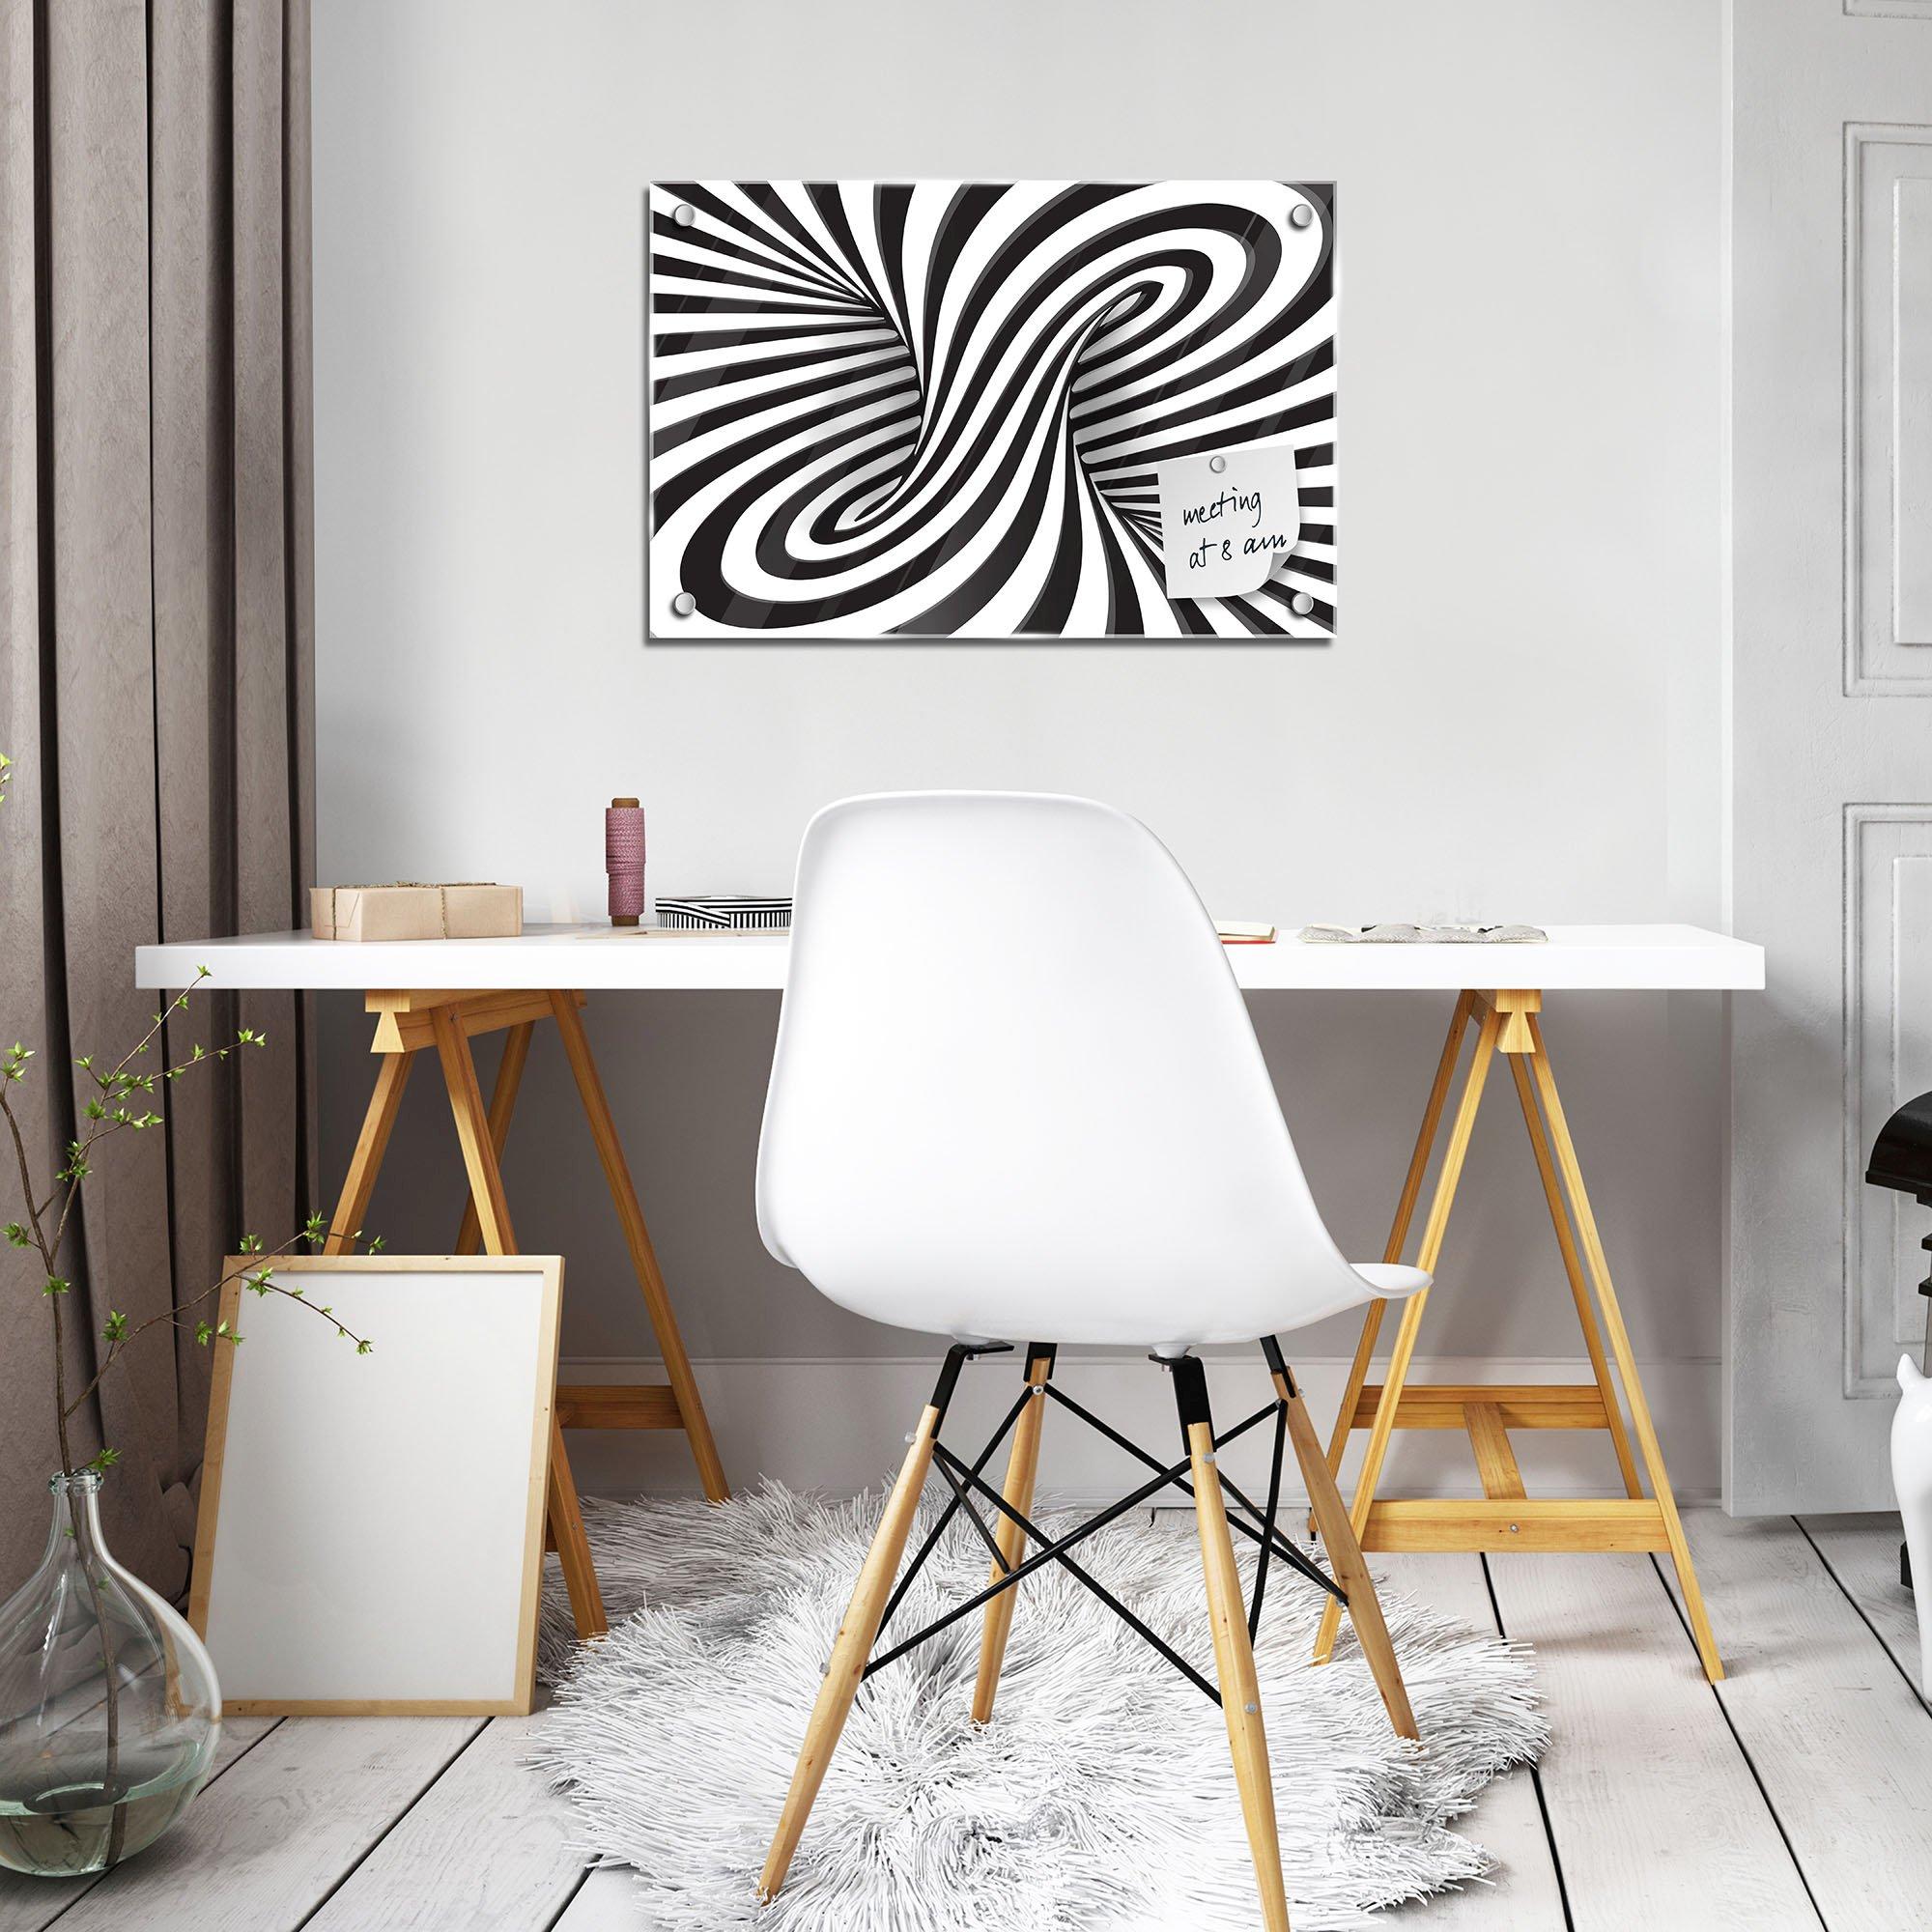 glas magnettafel mit 3d wirbel. Black Bedroom Furniture Sets. Home Design Ideas